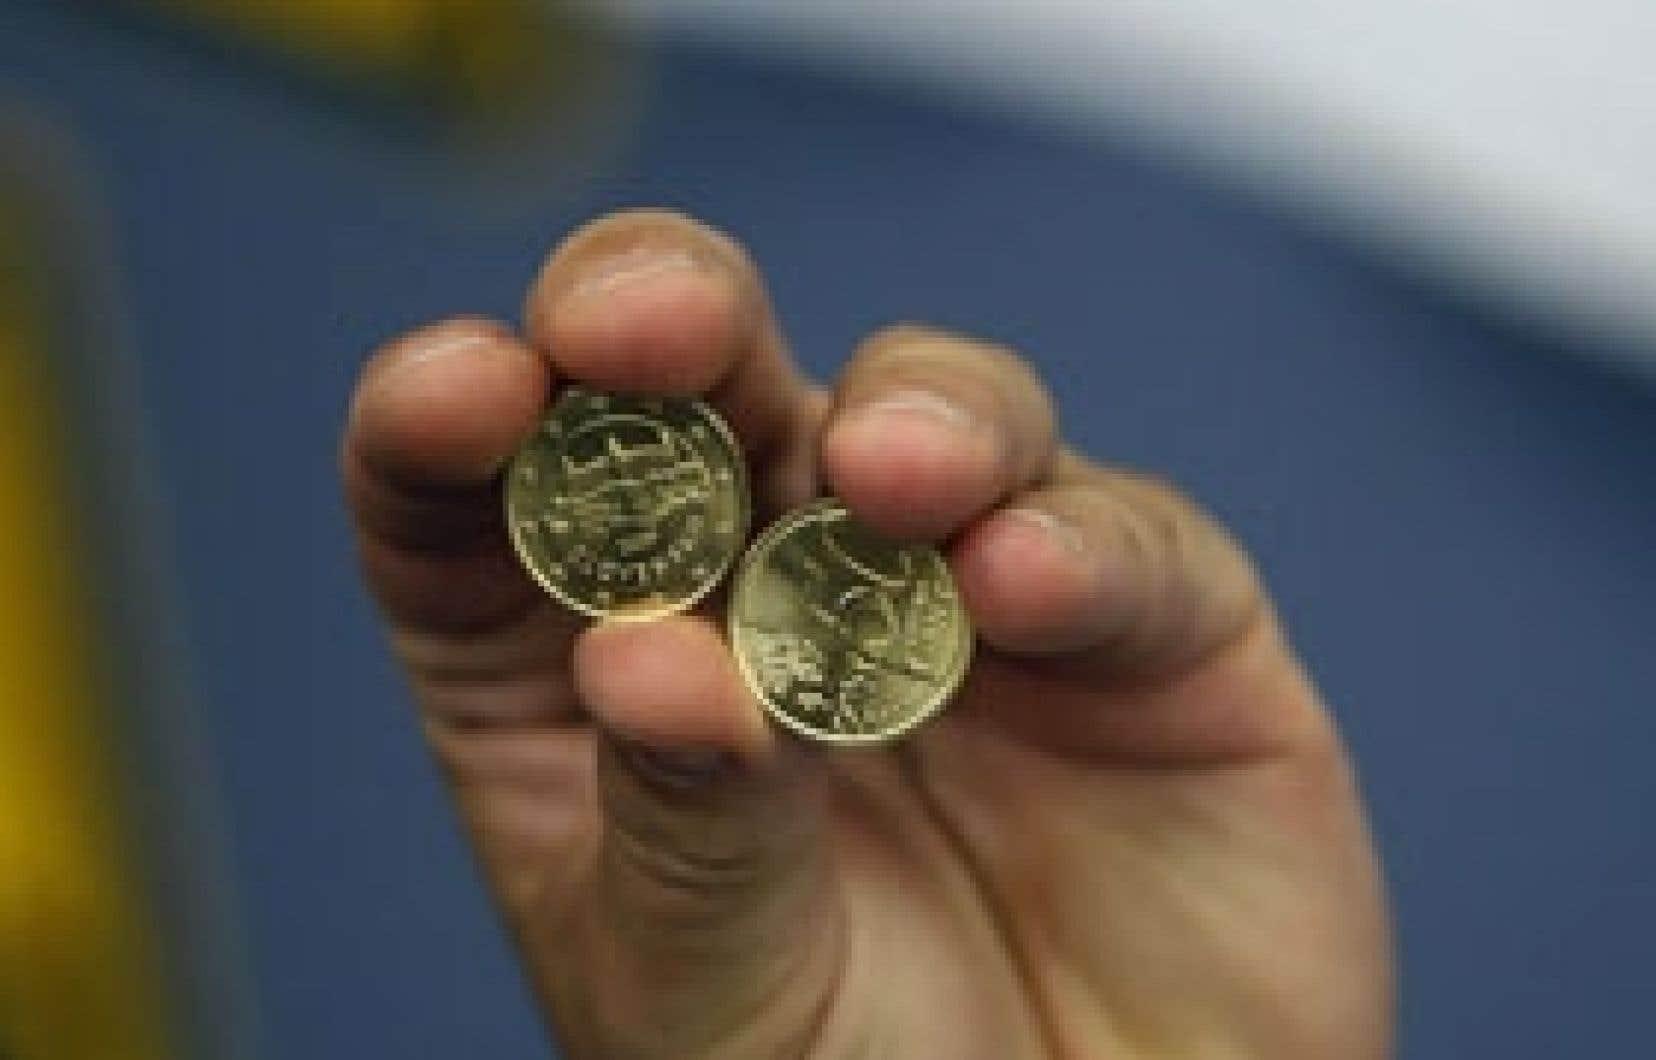 La Slovaquie doit se joindre à son tour à la zone de la monnaie unique européenne dans quelques jours, ce qui portera le nombre de pays de la zone euro à seize.